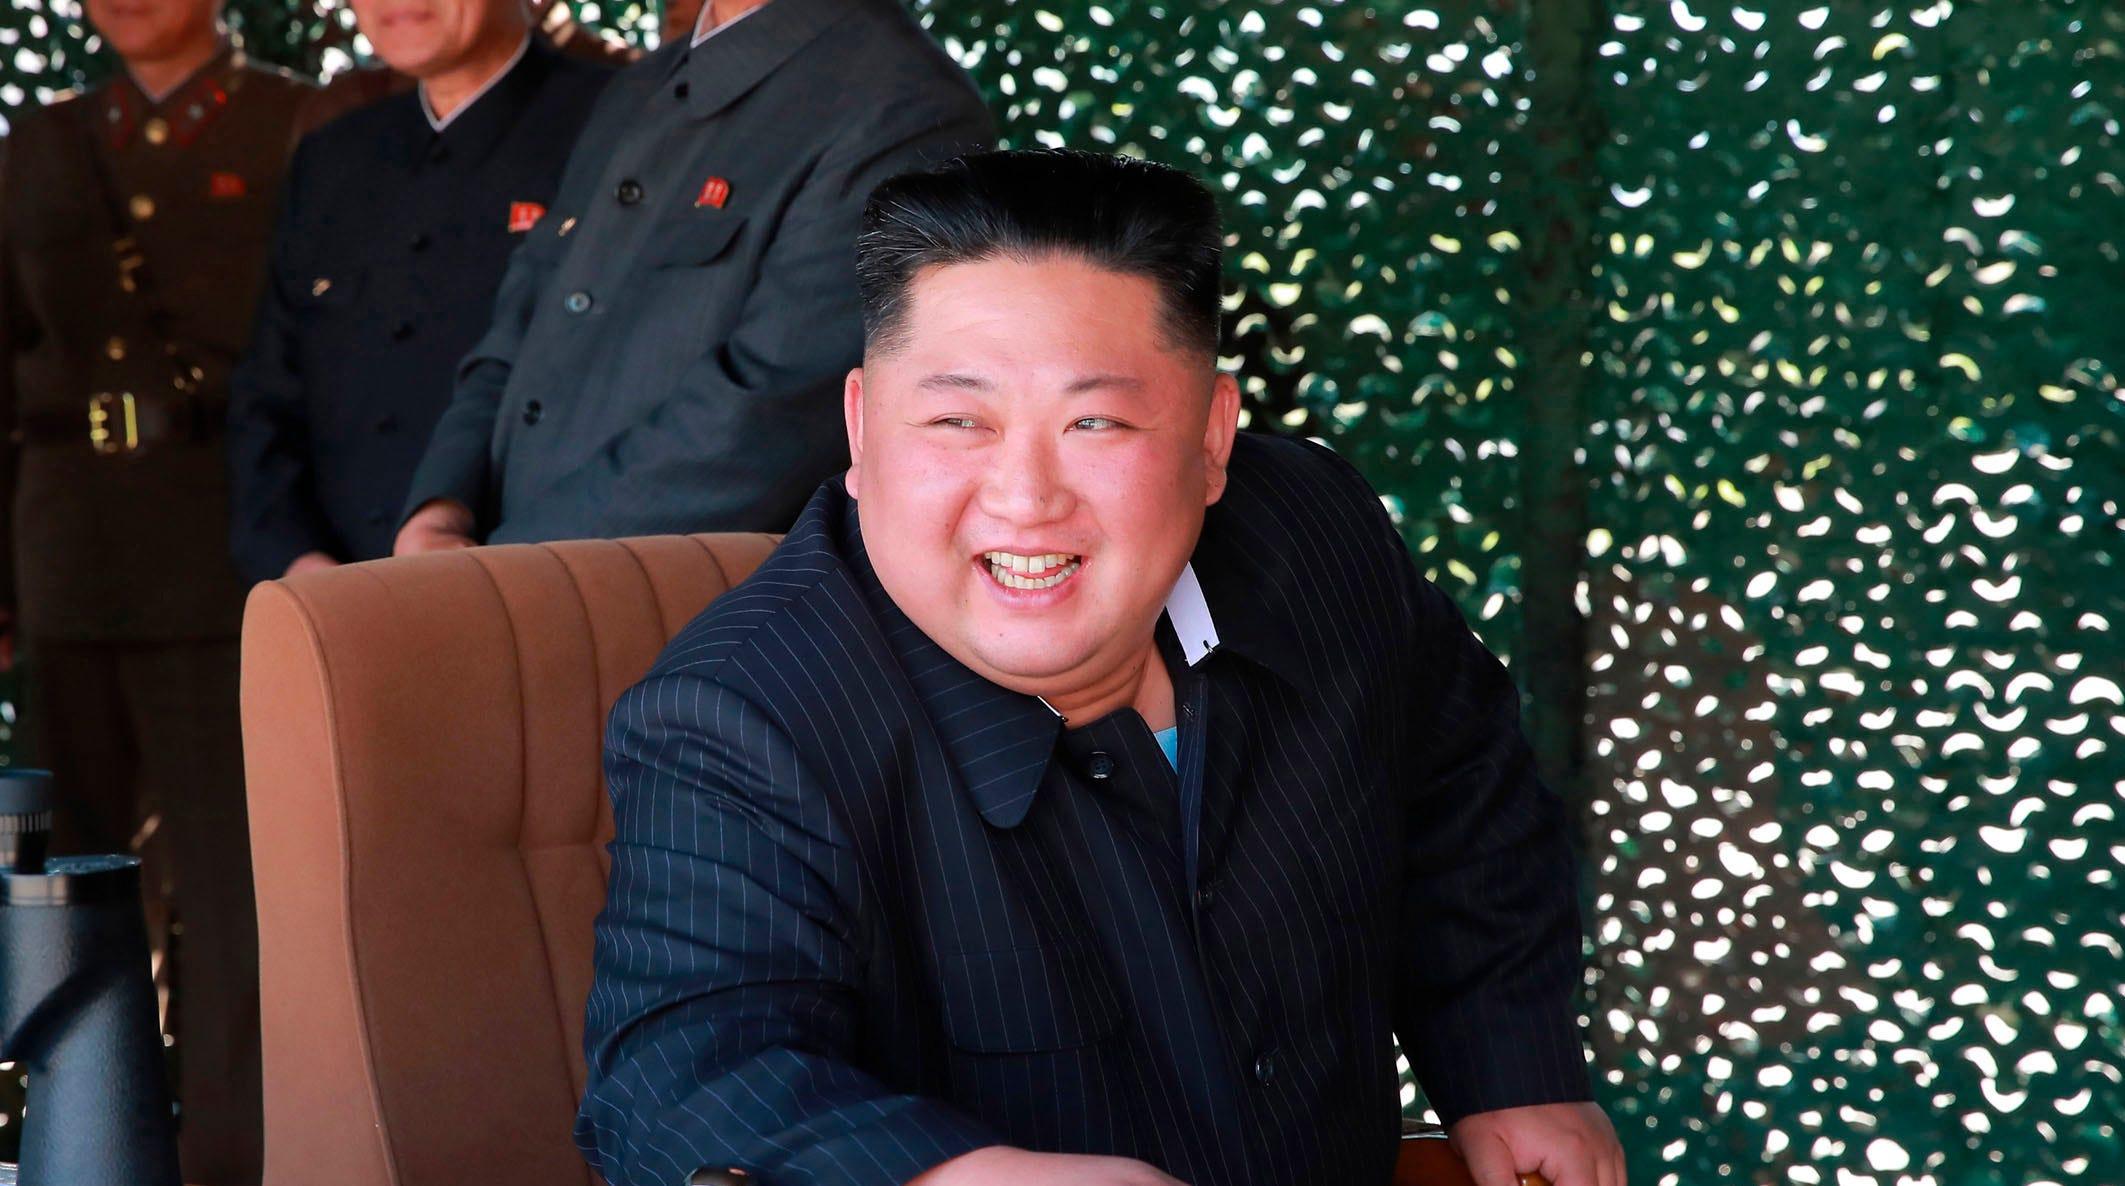 North Korea calls Joe Biden 'fool of low IQ' over his criticism of Kim Jong Un